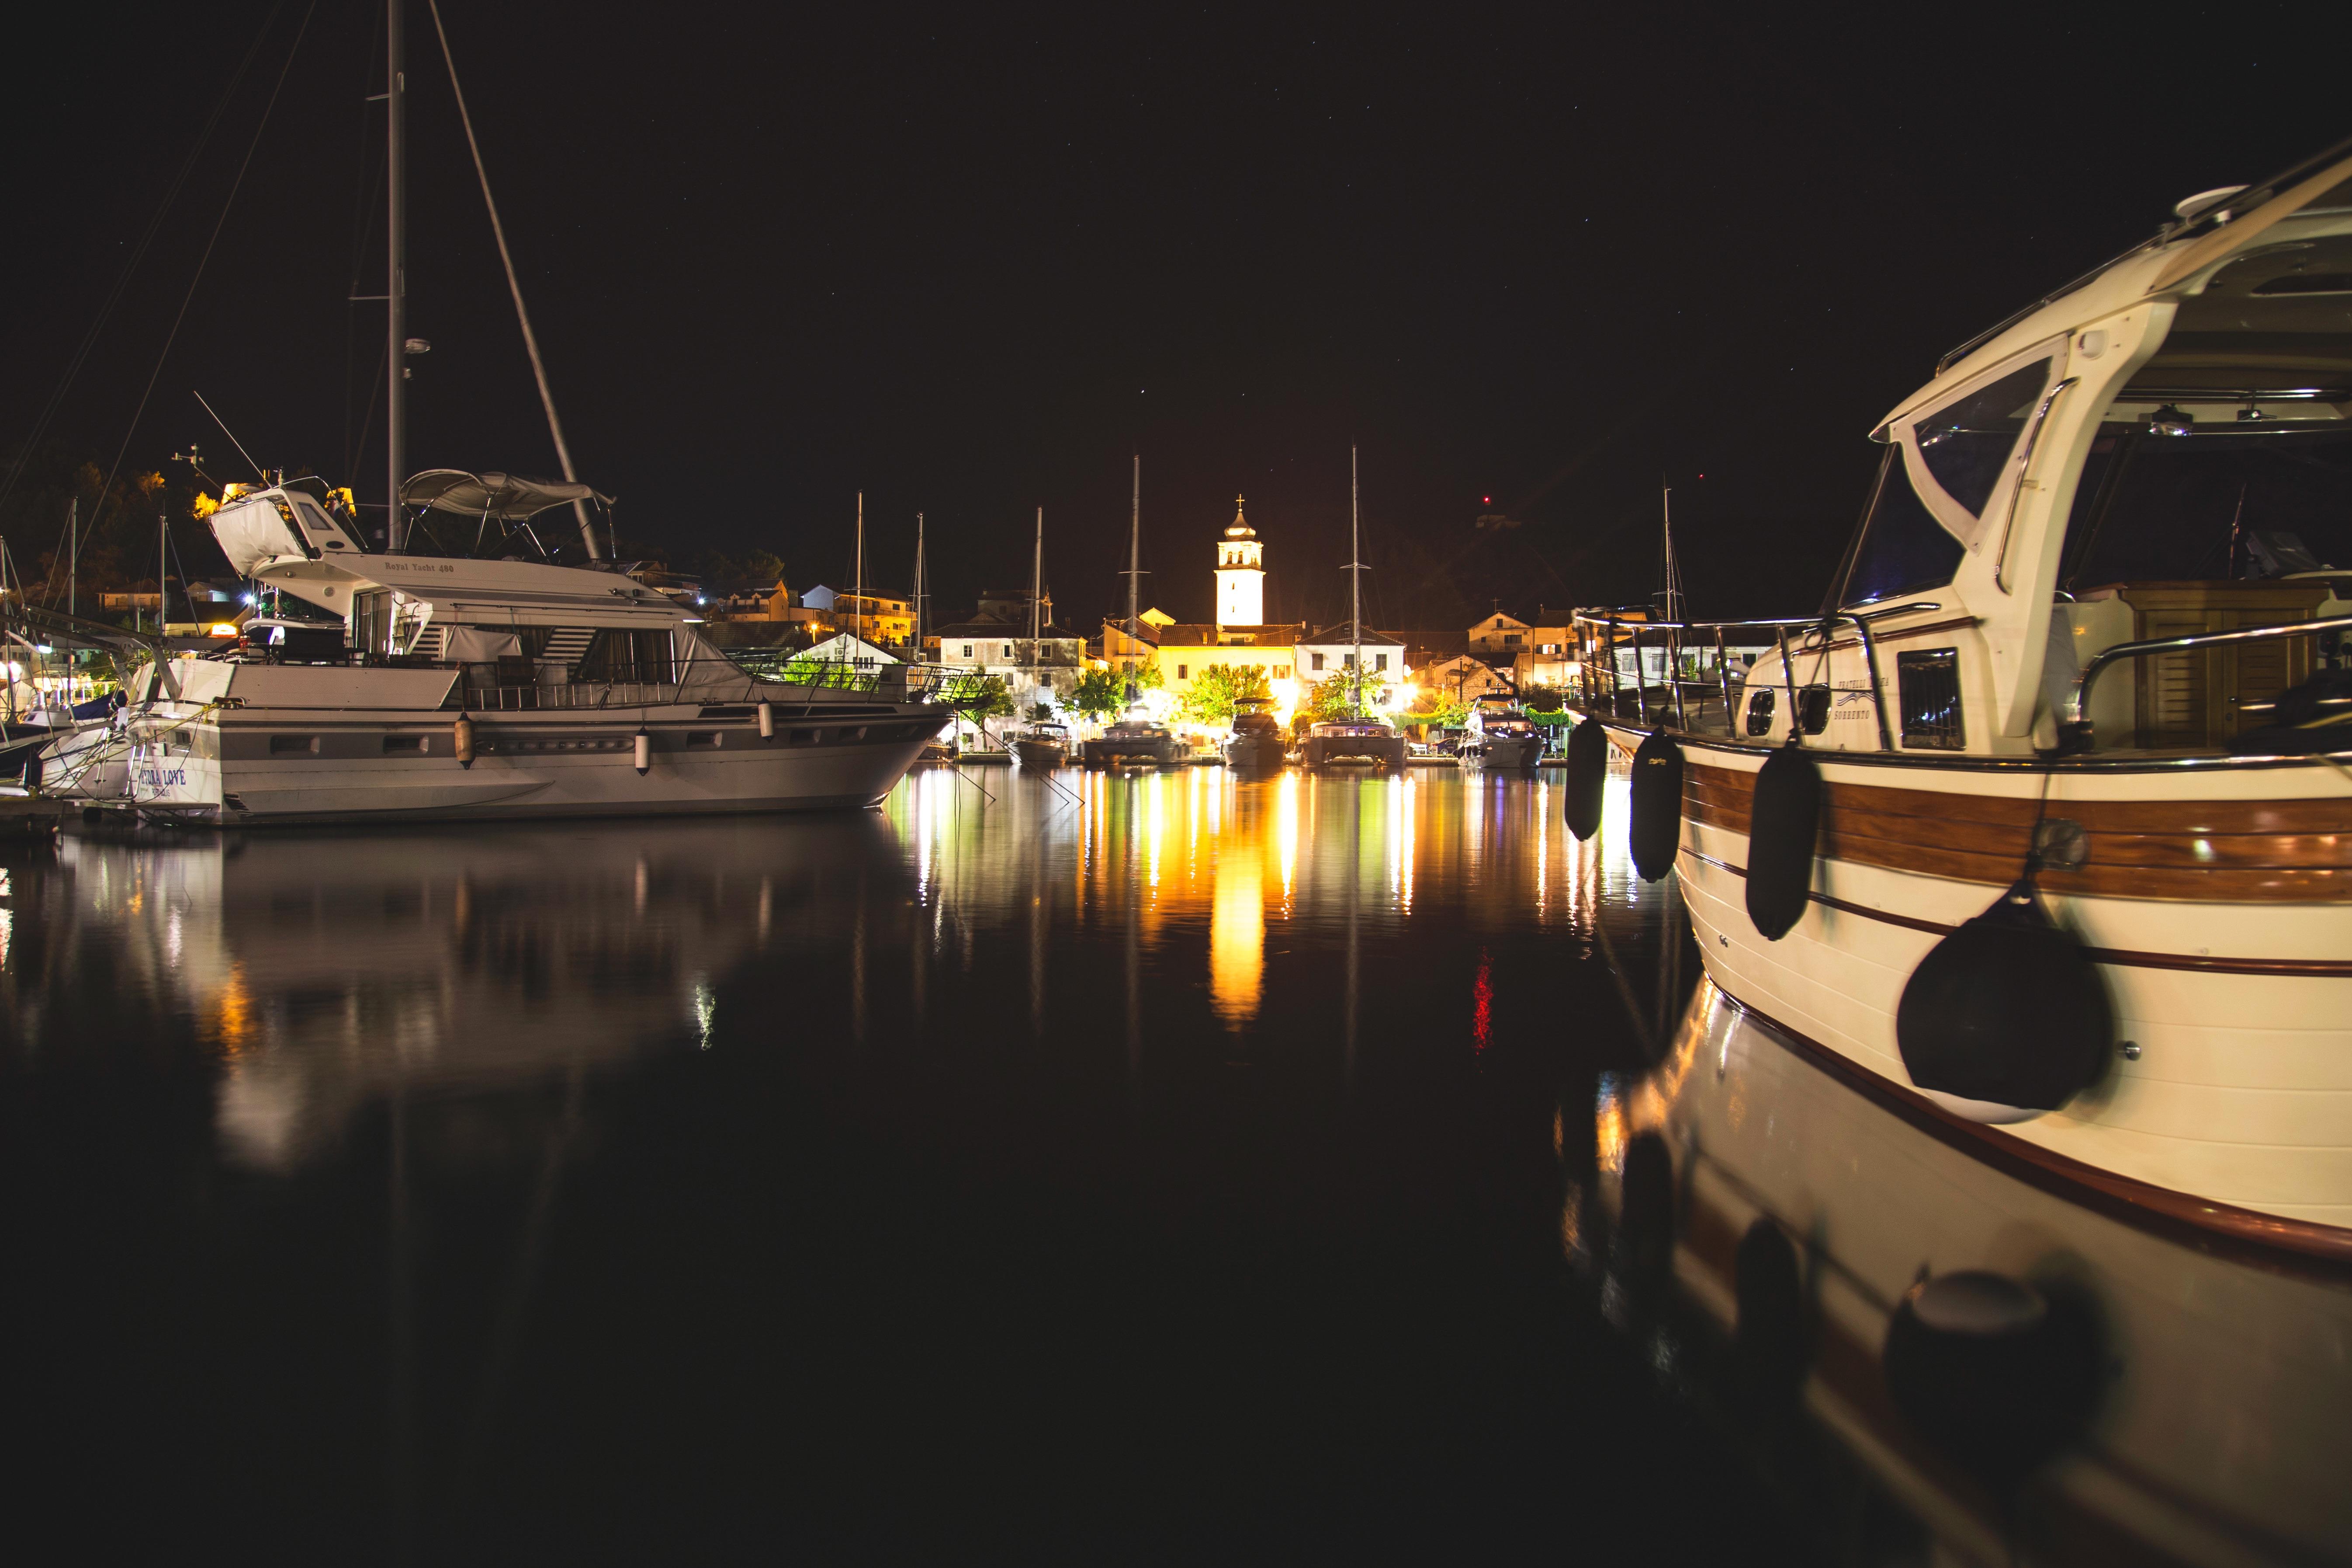 Картинки с яхтами ночью